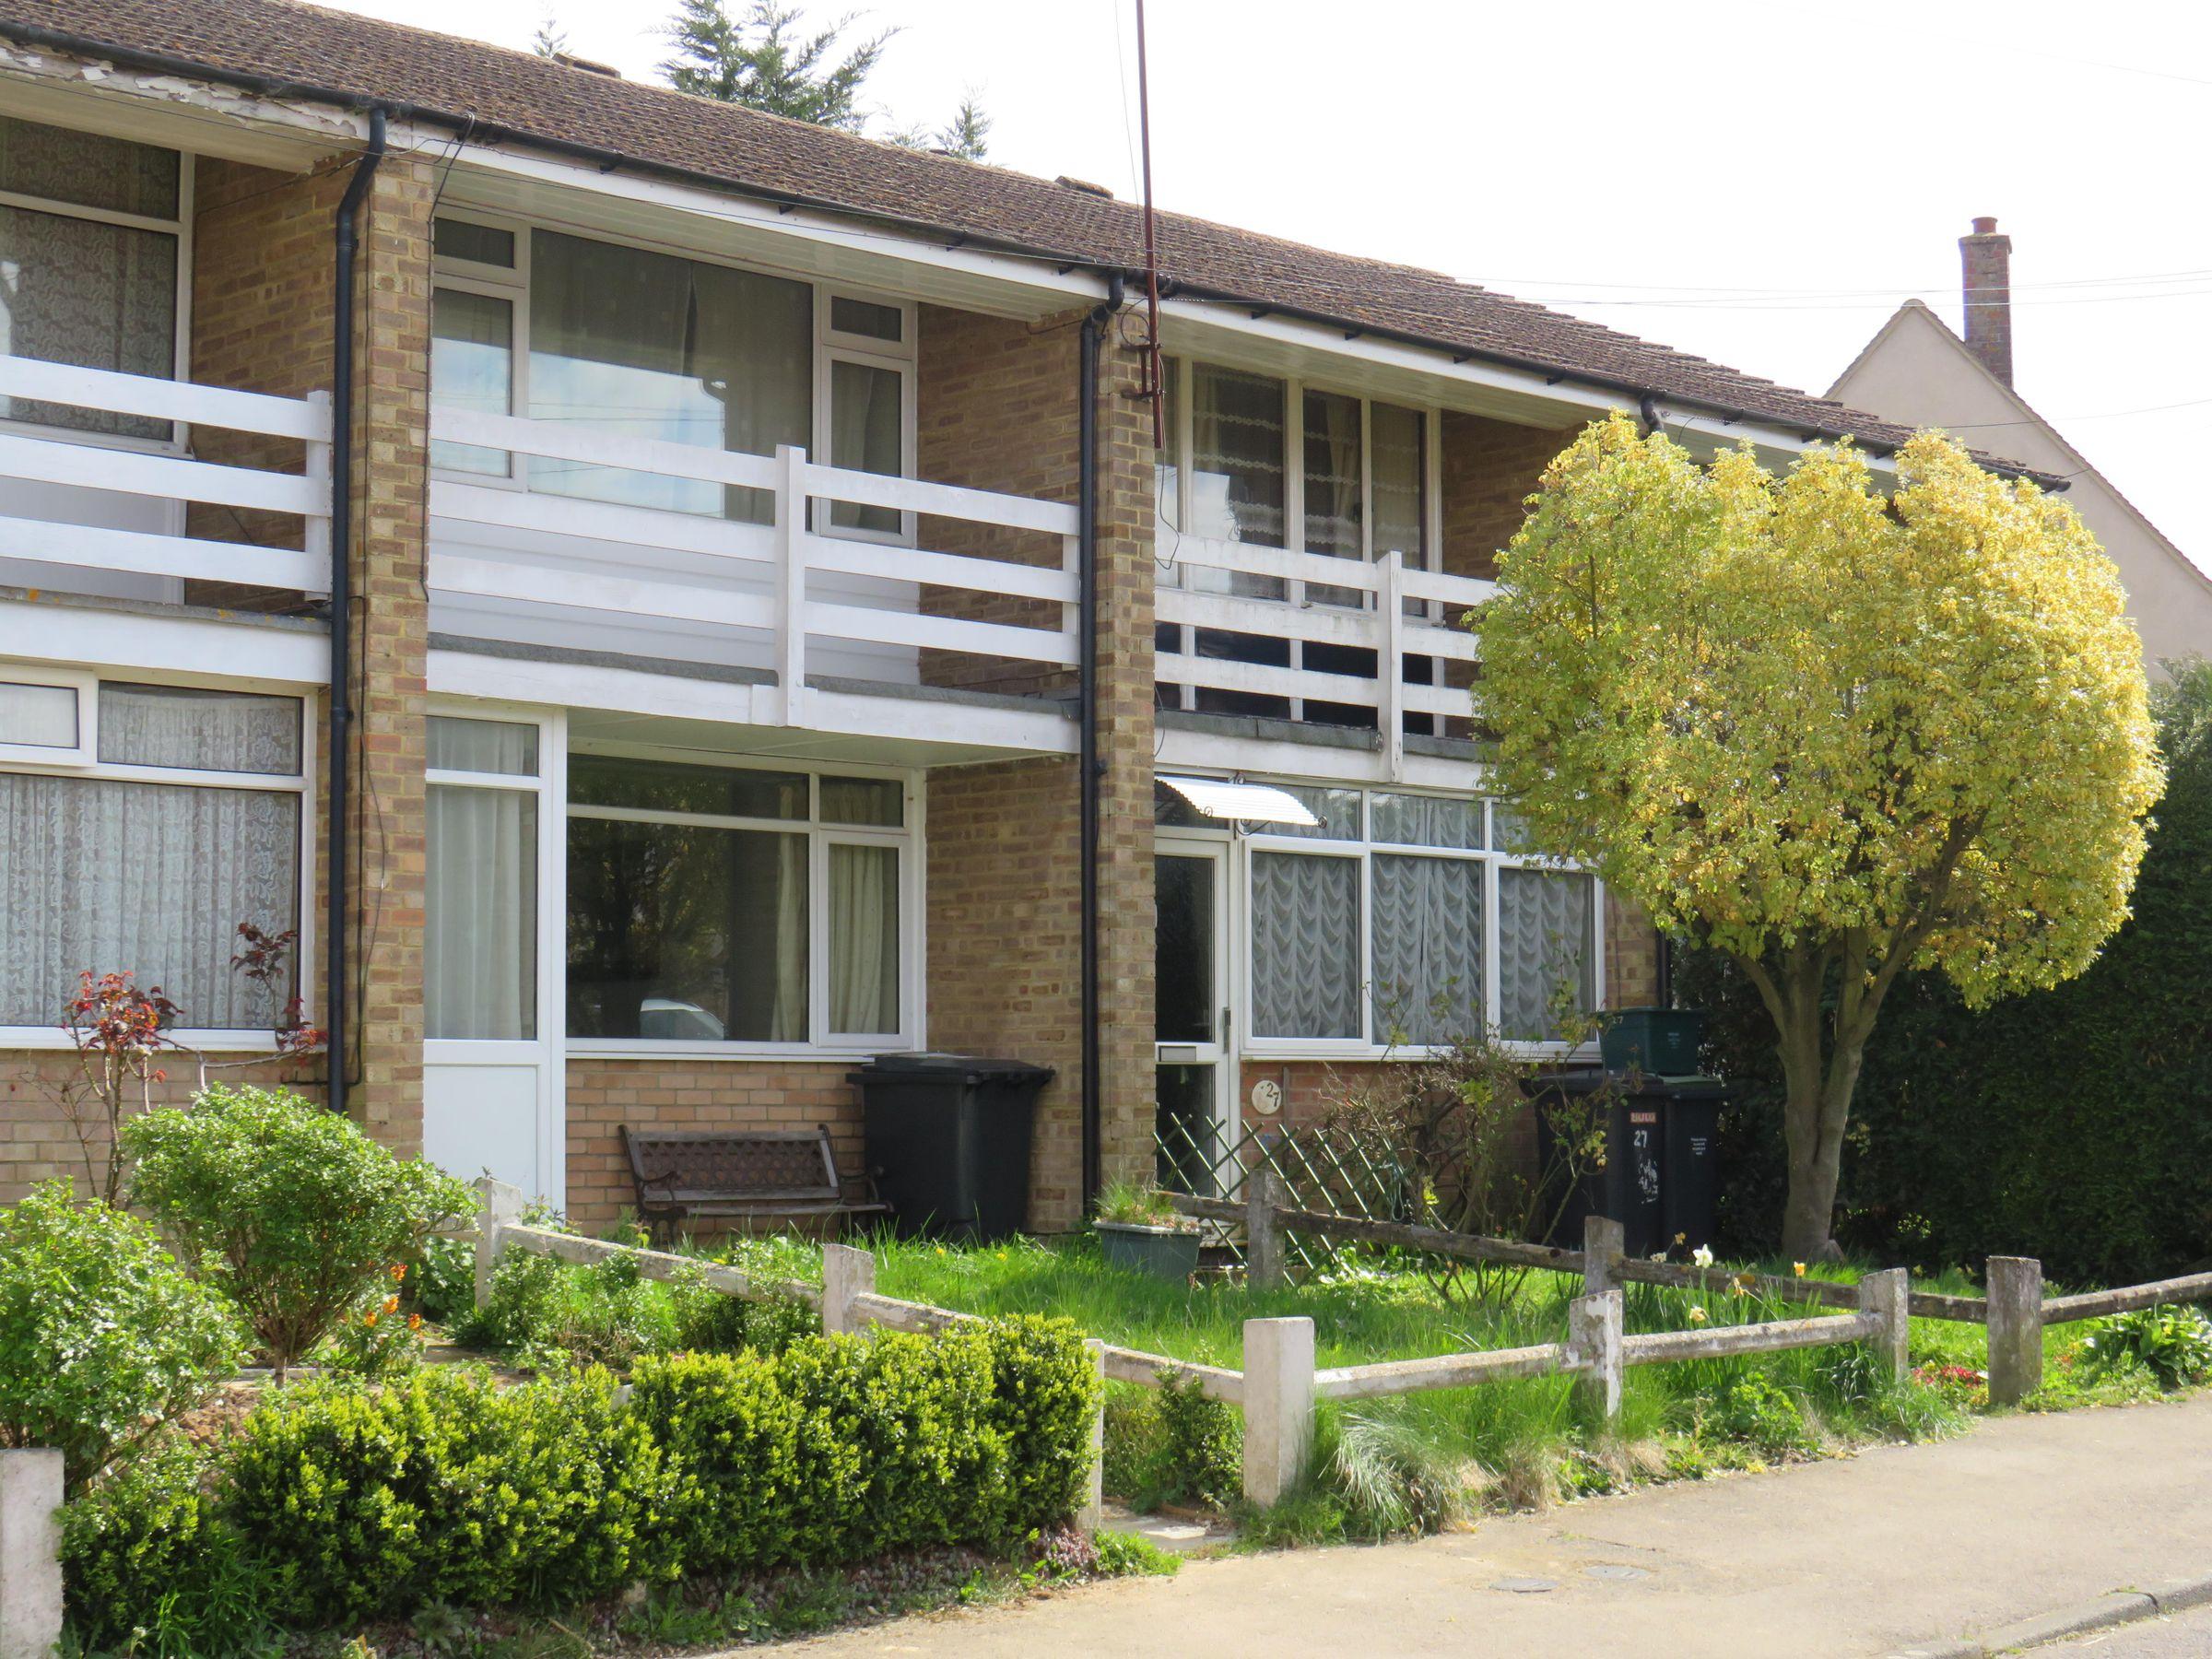 Property photo 1 of 1. Image